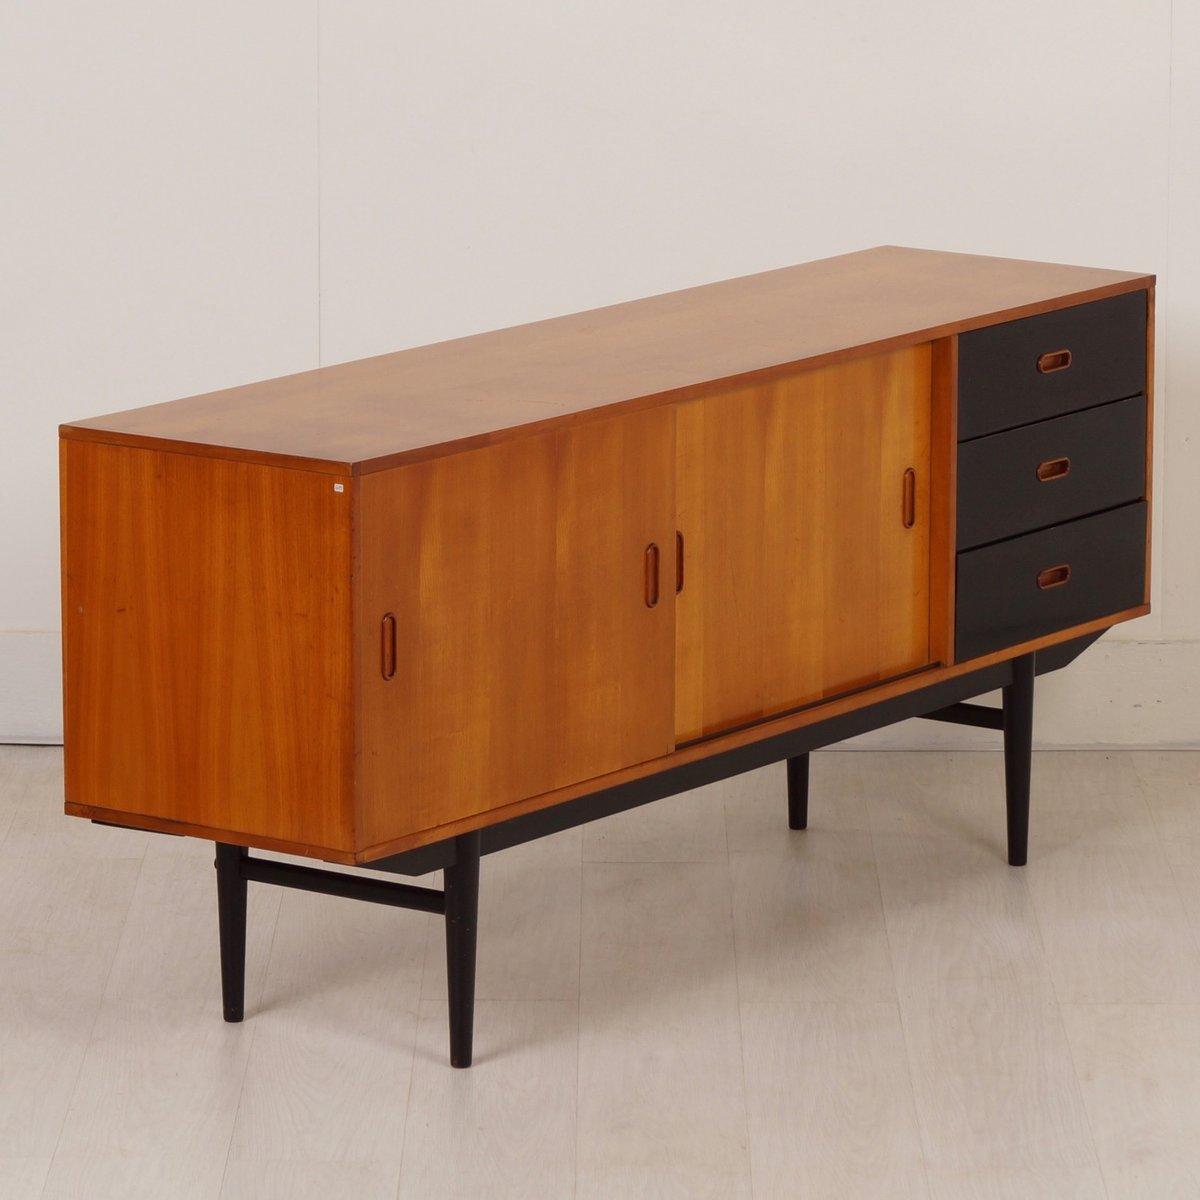 kiefer sideboard mit schwarzen schubladen von fristho 1950er bei pamono kaufen. Black Bedroom Furniture Sets. Home Design Ideas